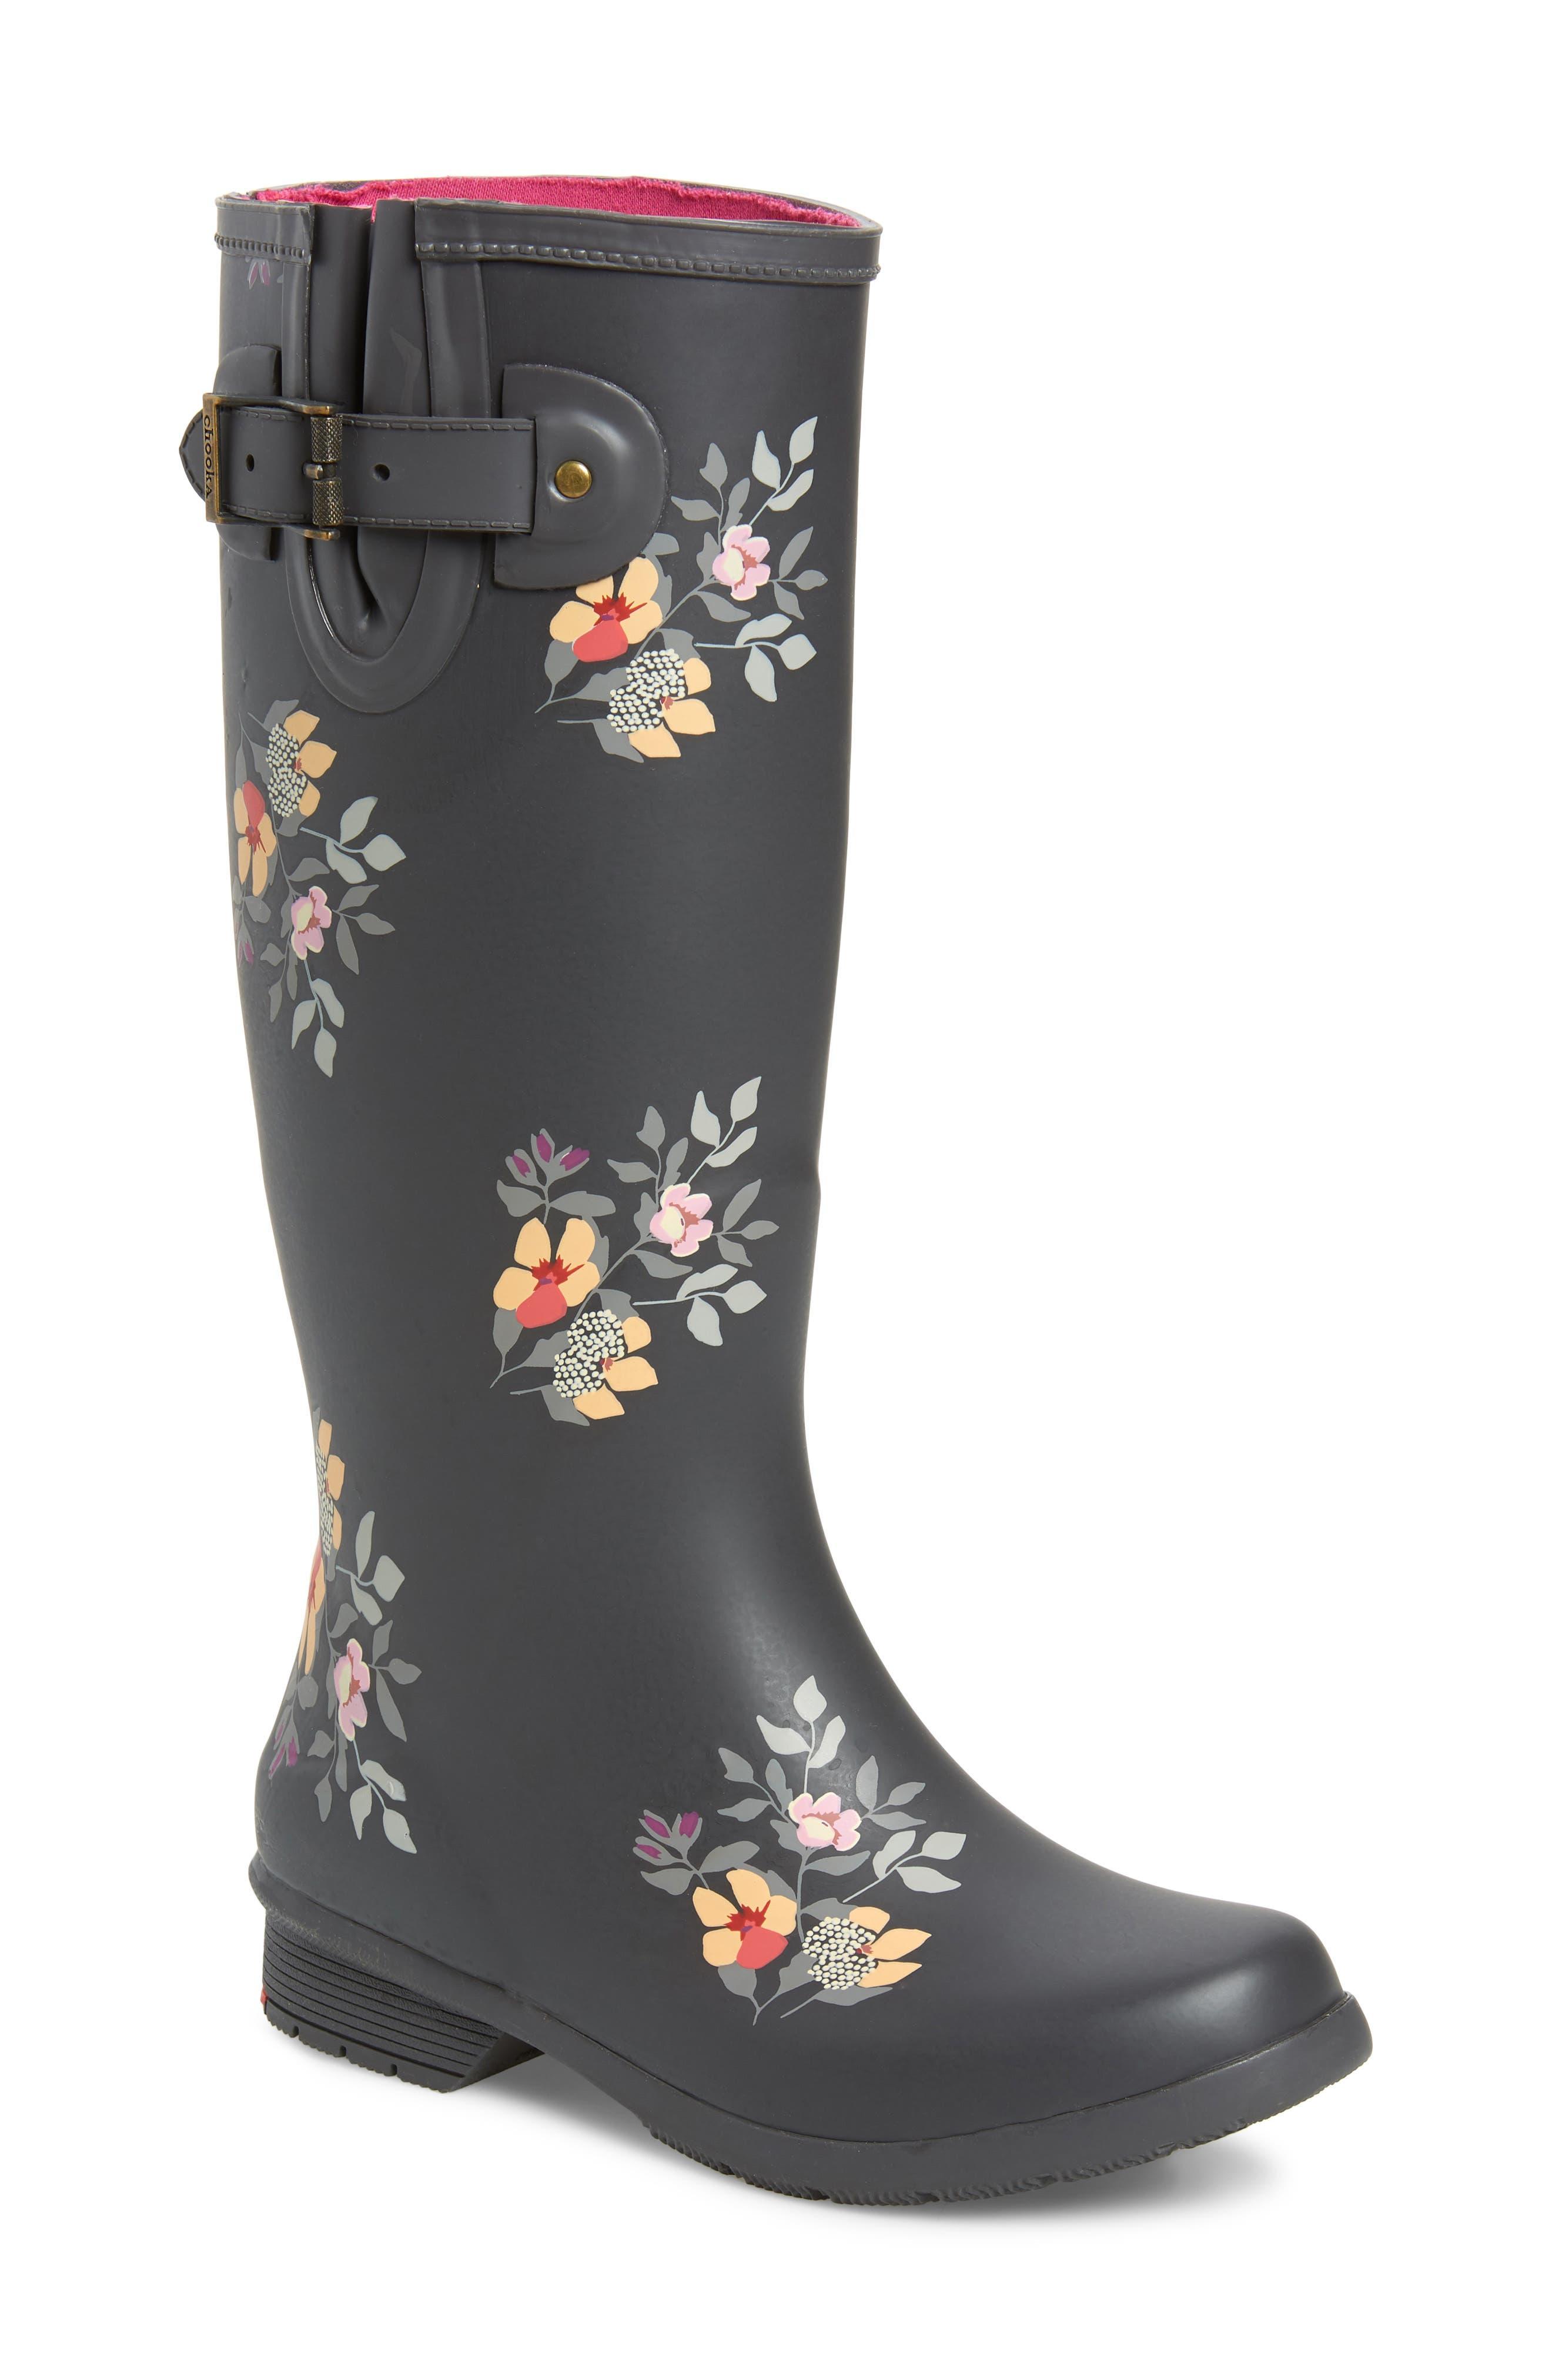 Chooka Bailey Tall Waterproof Rain Boot, Grey